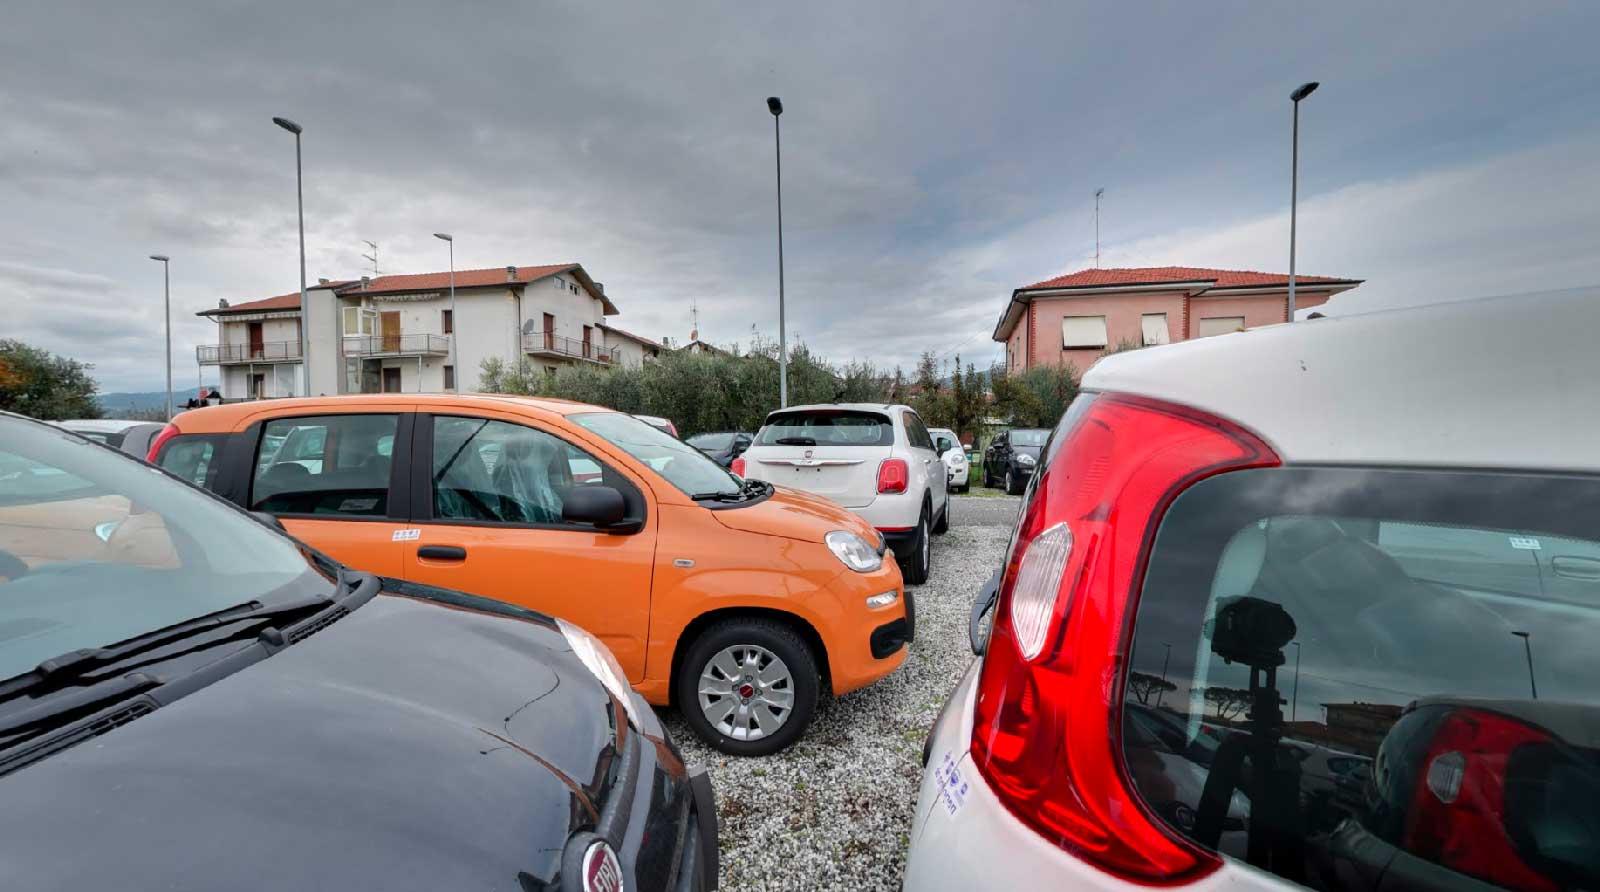 Simcar – Concessionario Fiat, Santo Stefano Magra, Sp – Google Street View